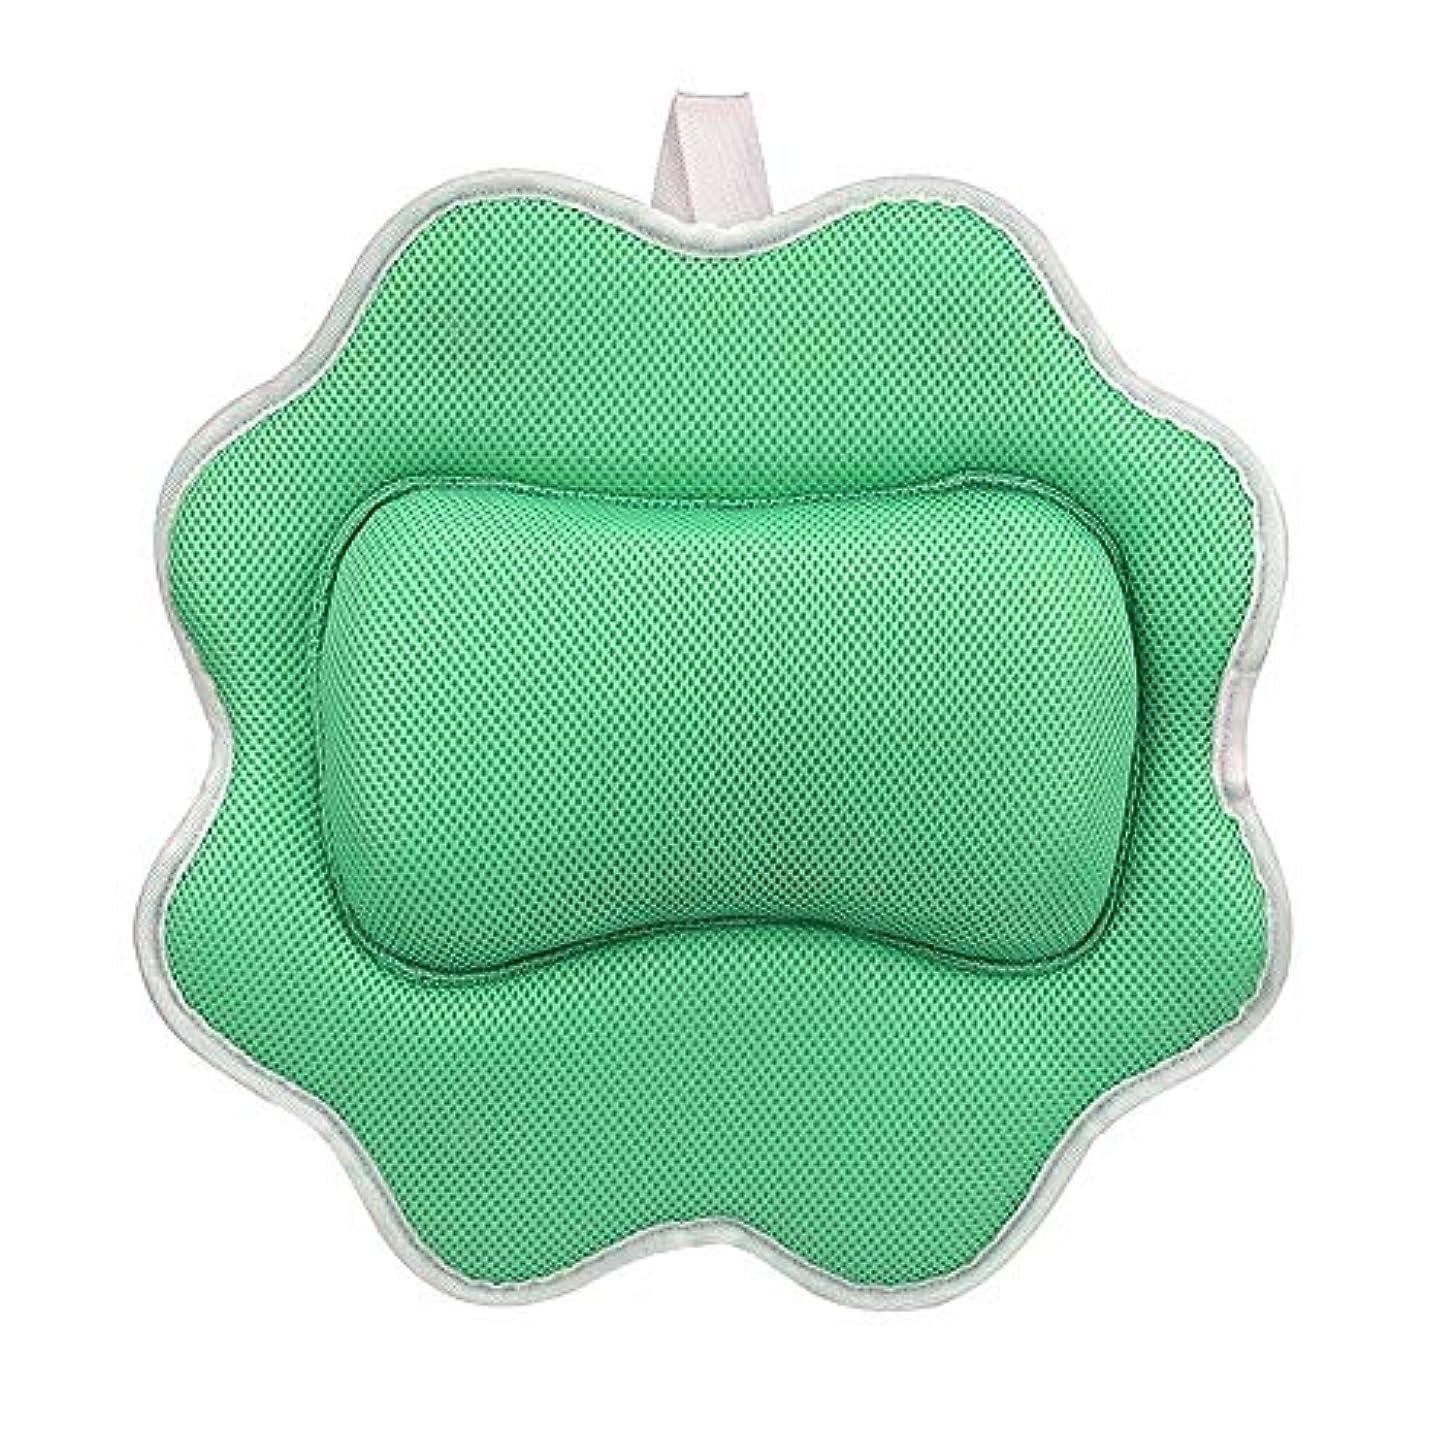 補うするだろう主流サンフラワーバスピロースパマッサージ枕用アップグレード5 dエアーメッシュ技術あなたの肌と首を保護、洗濯機で洗えます